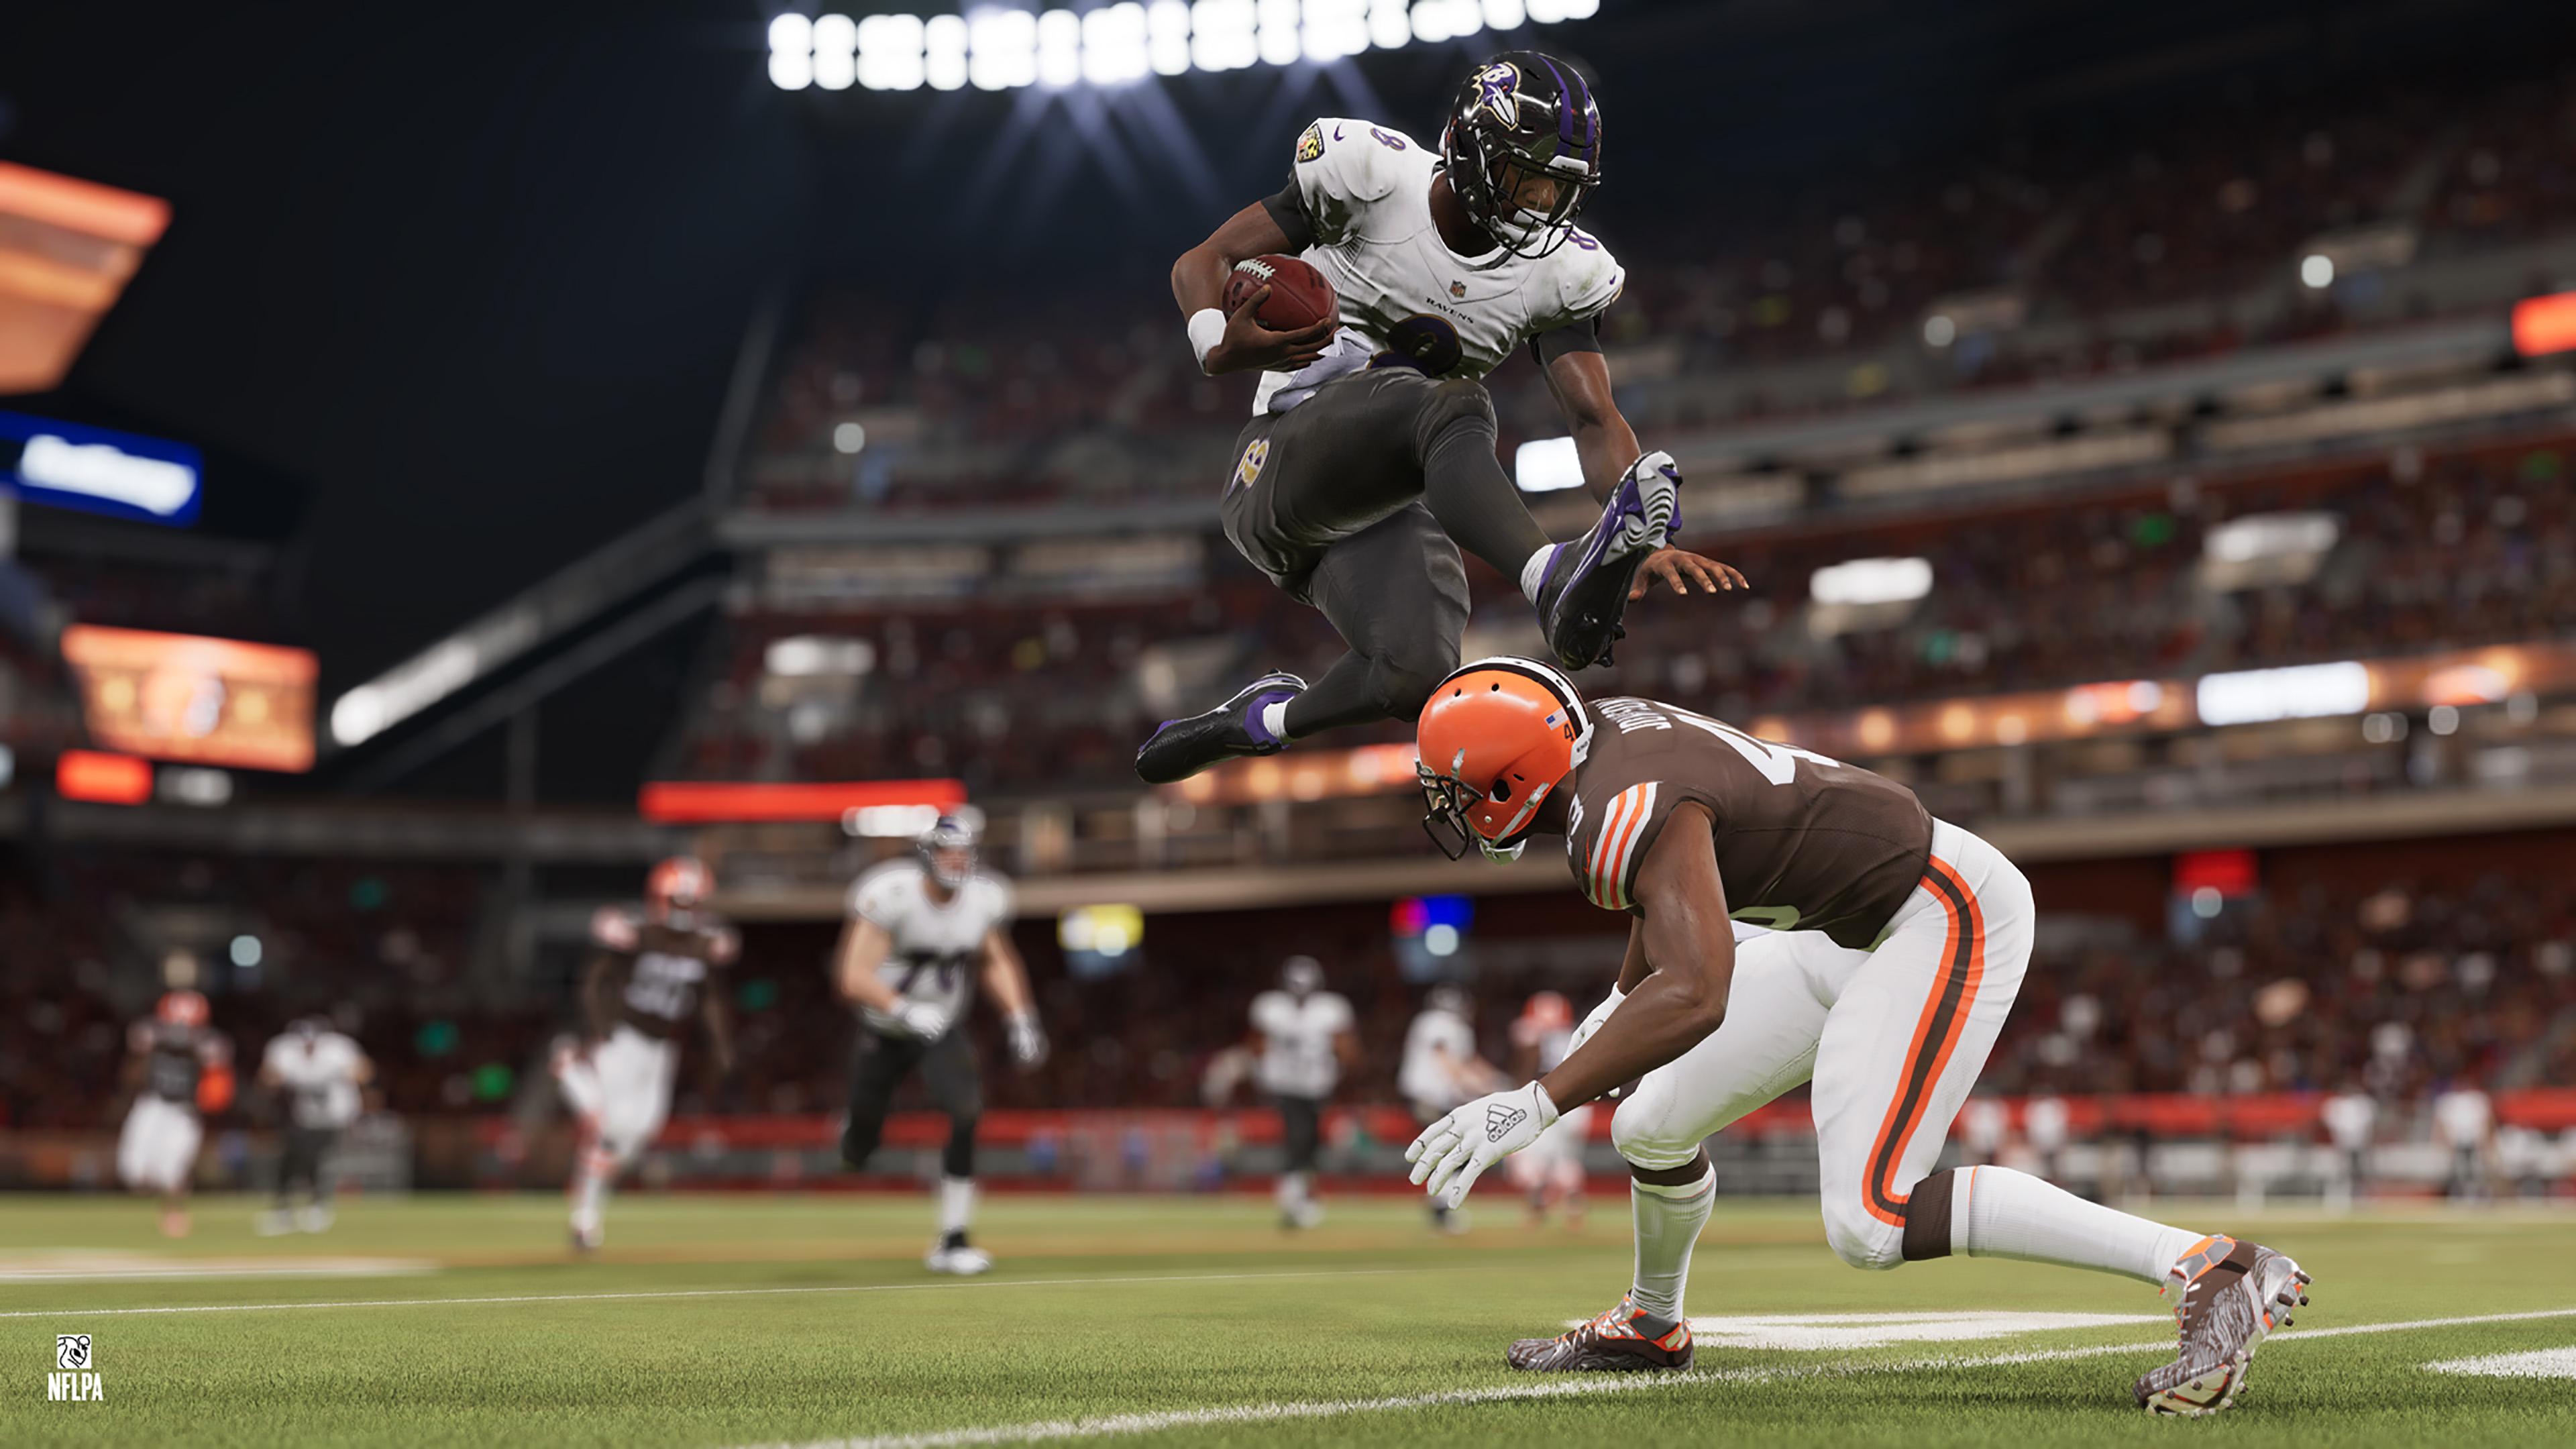 Скриншот №1 к Madden NFL 22 Издание MVP для PS4 и PS5